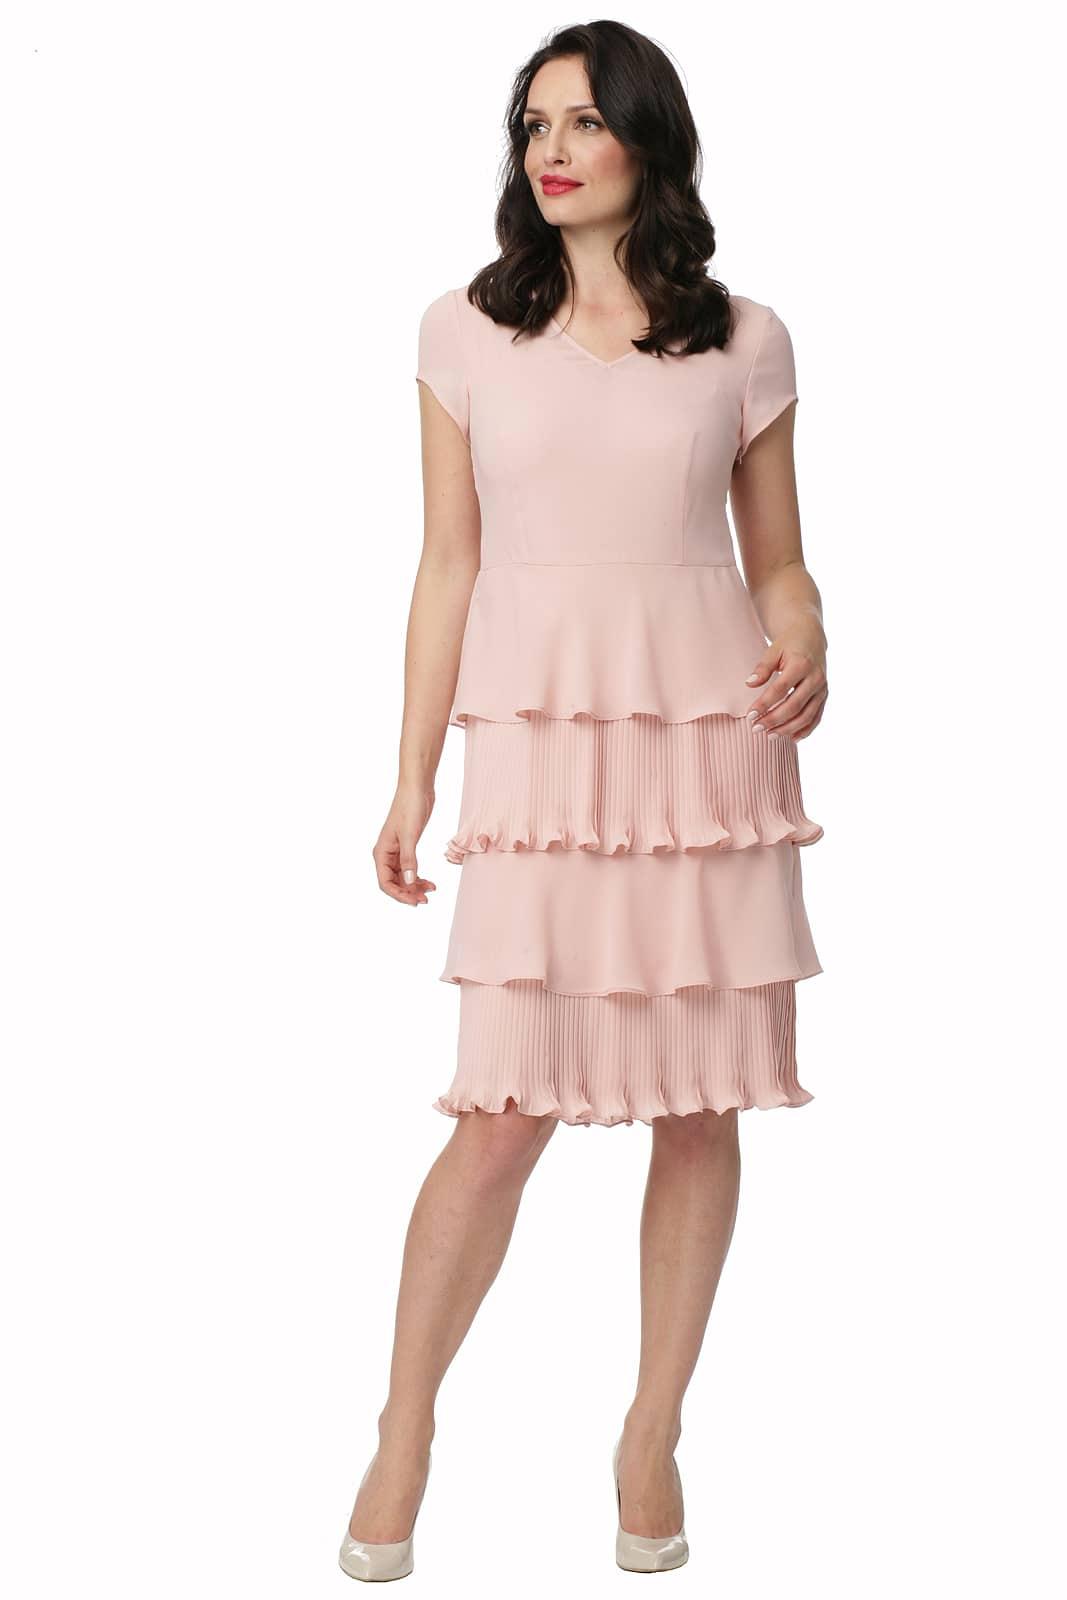 dbfe12f7ea Jasnoróżowa sukienka z plisowaniem Milena - Modesta - ponad 30 lat ...